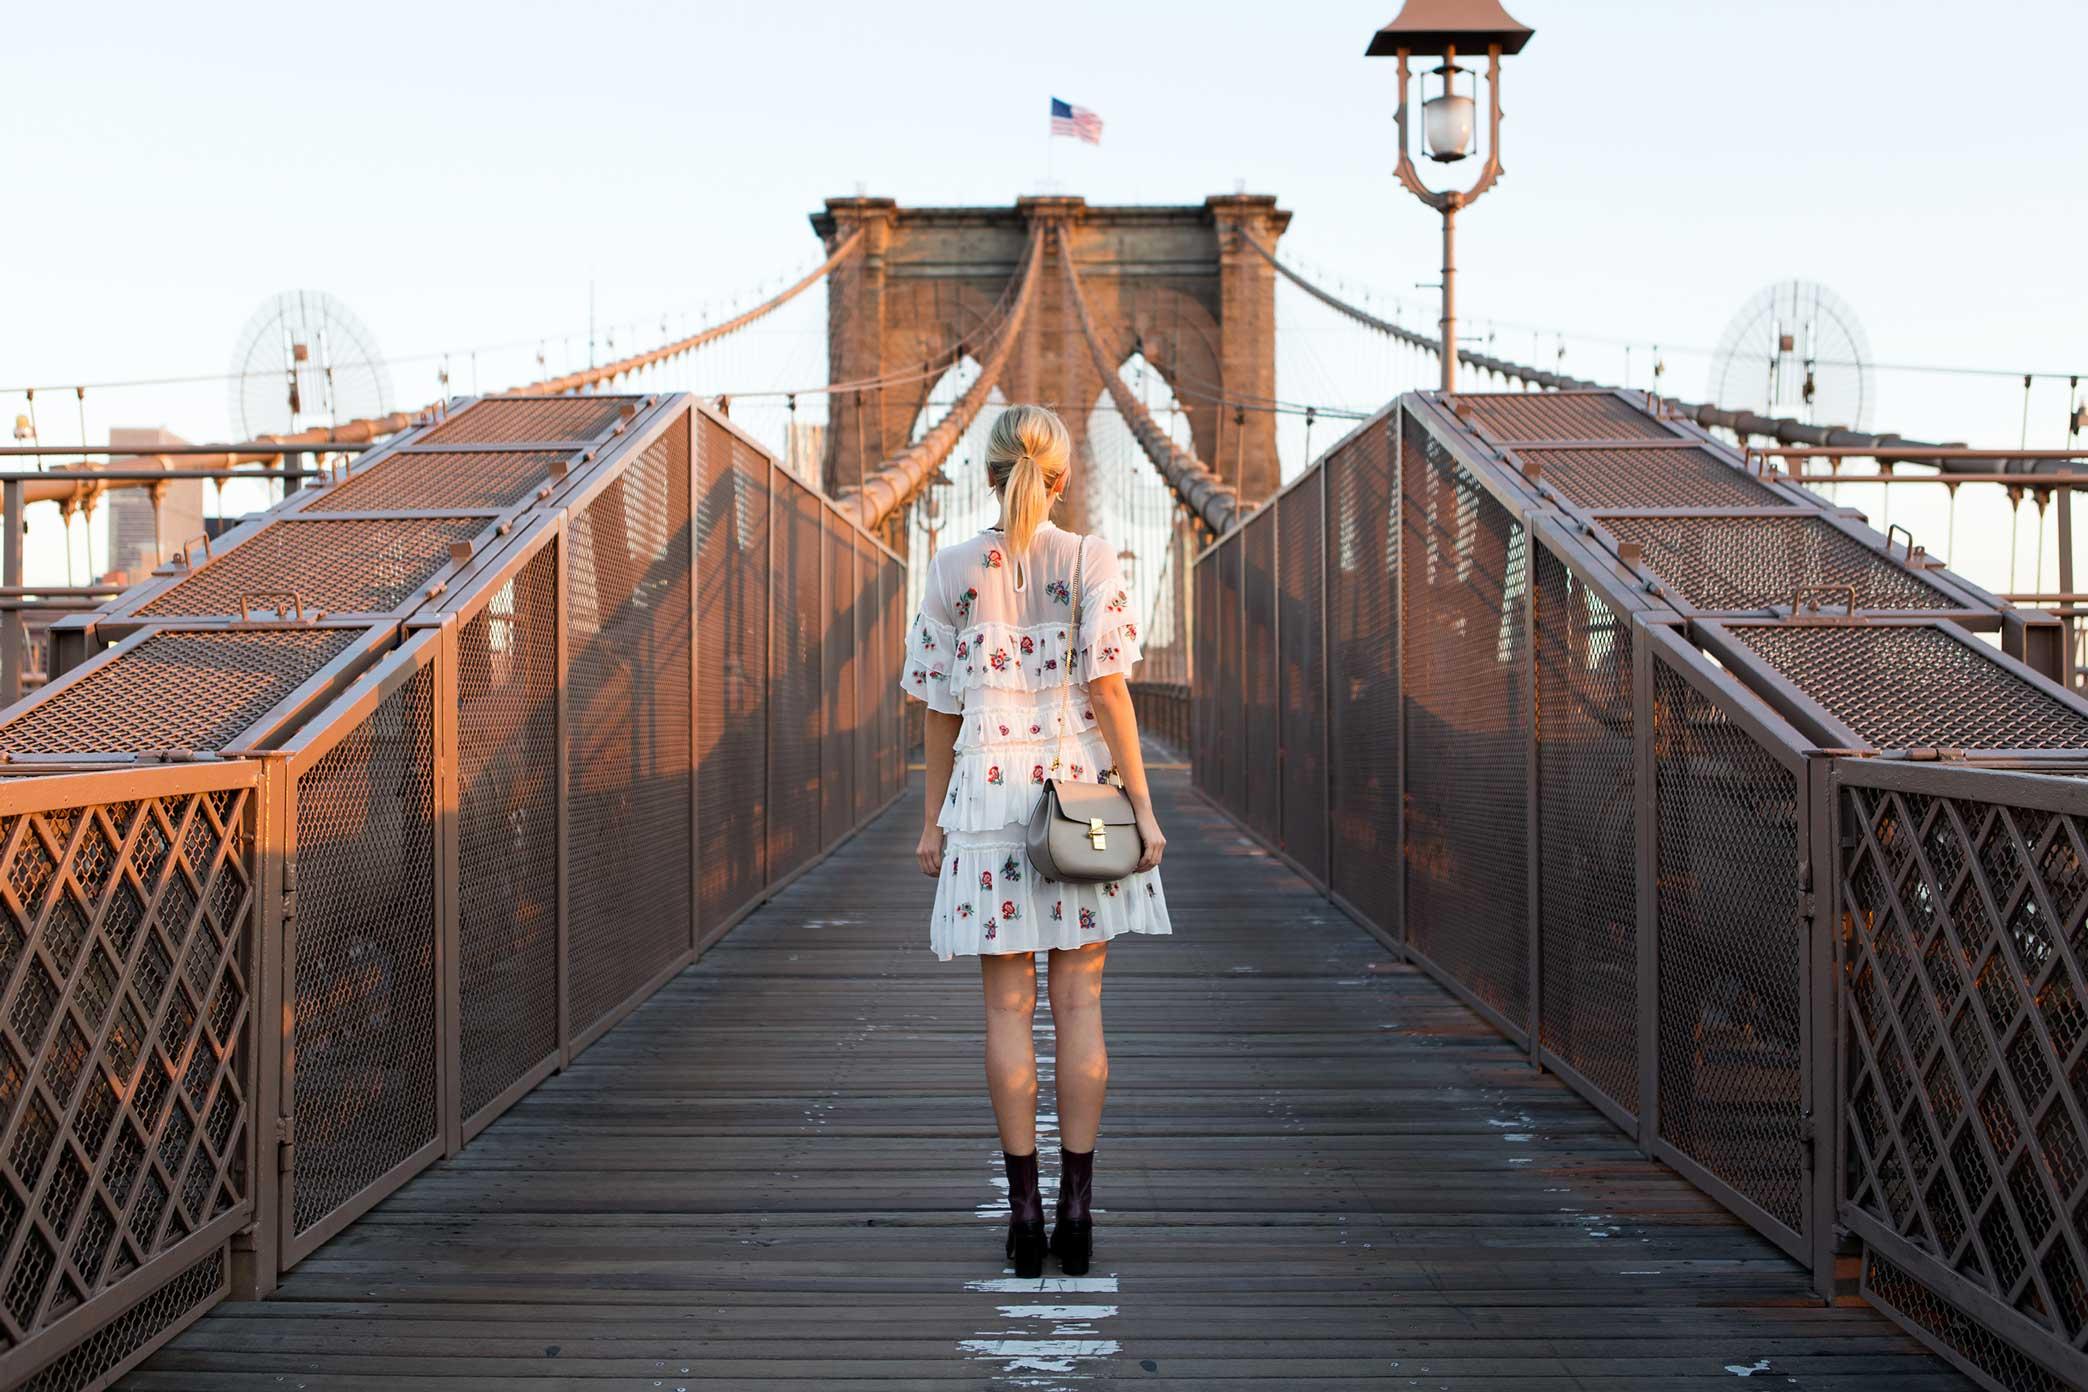 Laurie Ferraro.Brooklyn, New York. 2017